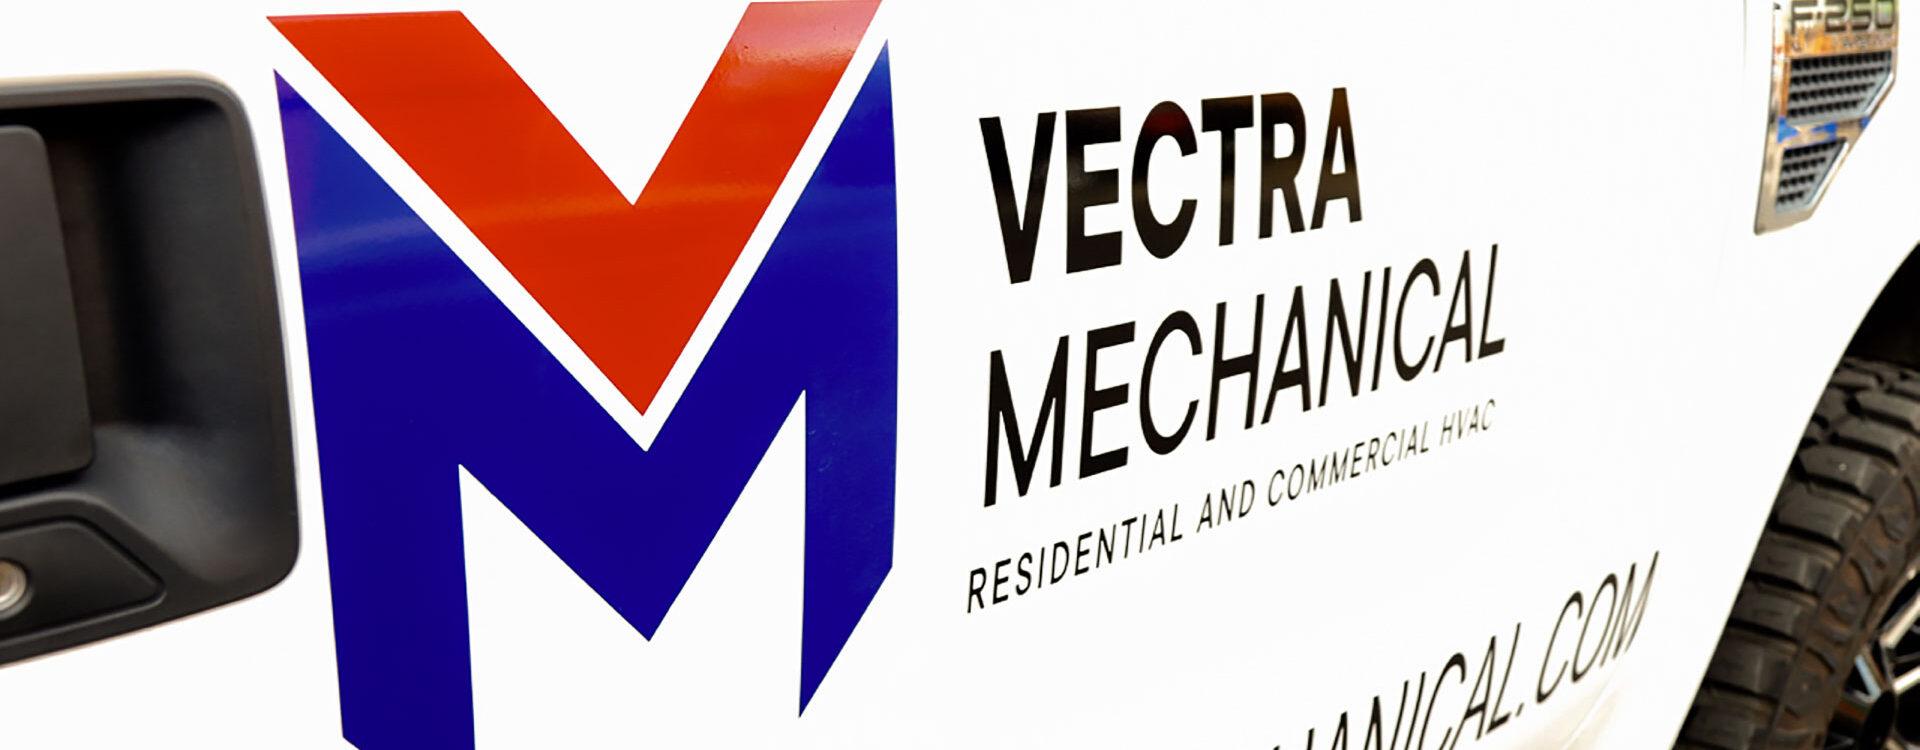 Header Meet The Team Vectra Mechanical Oct 2019 46